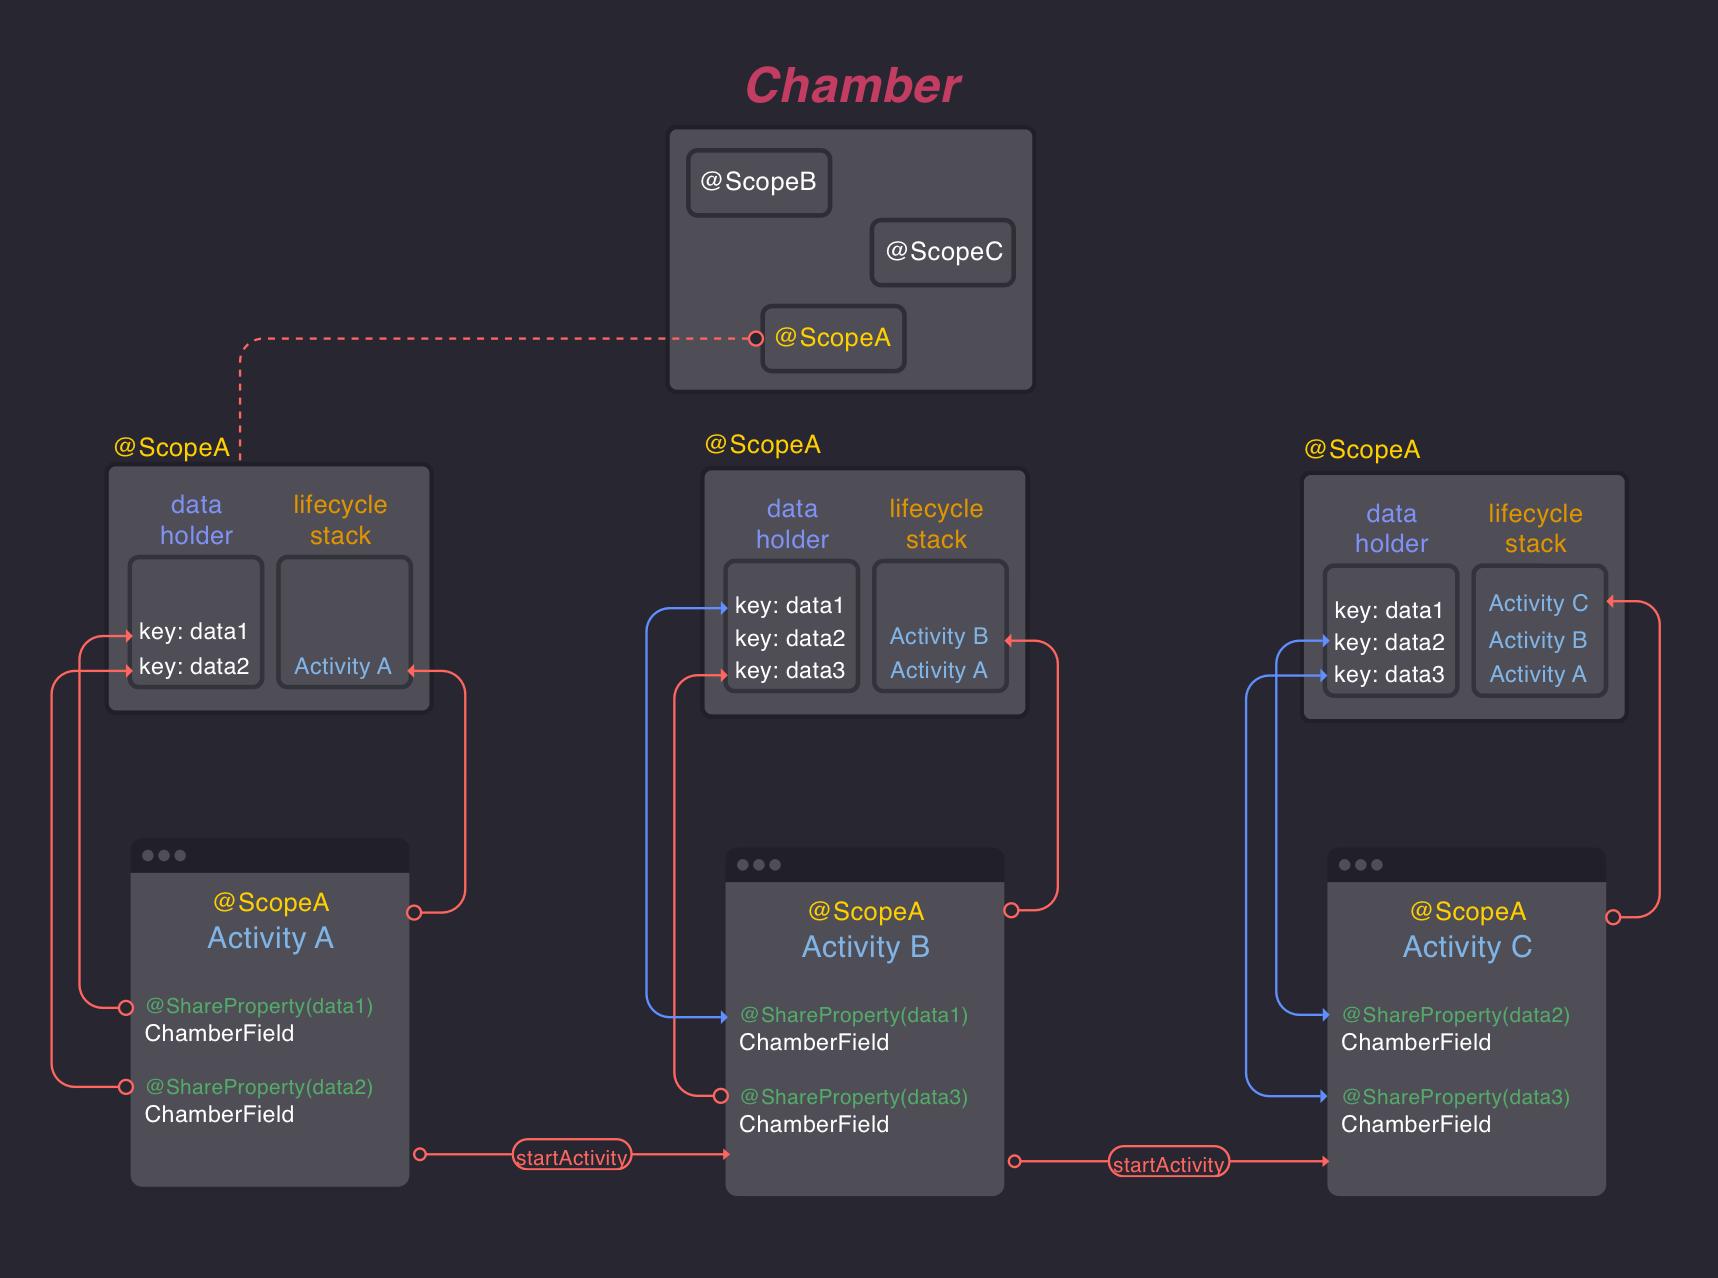 chamber01